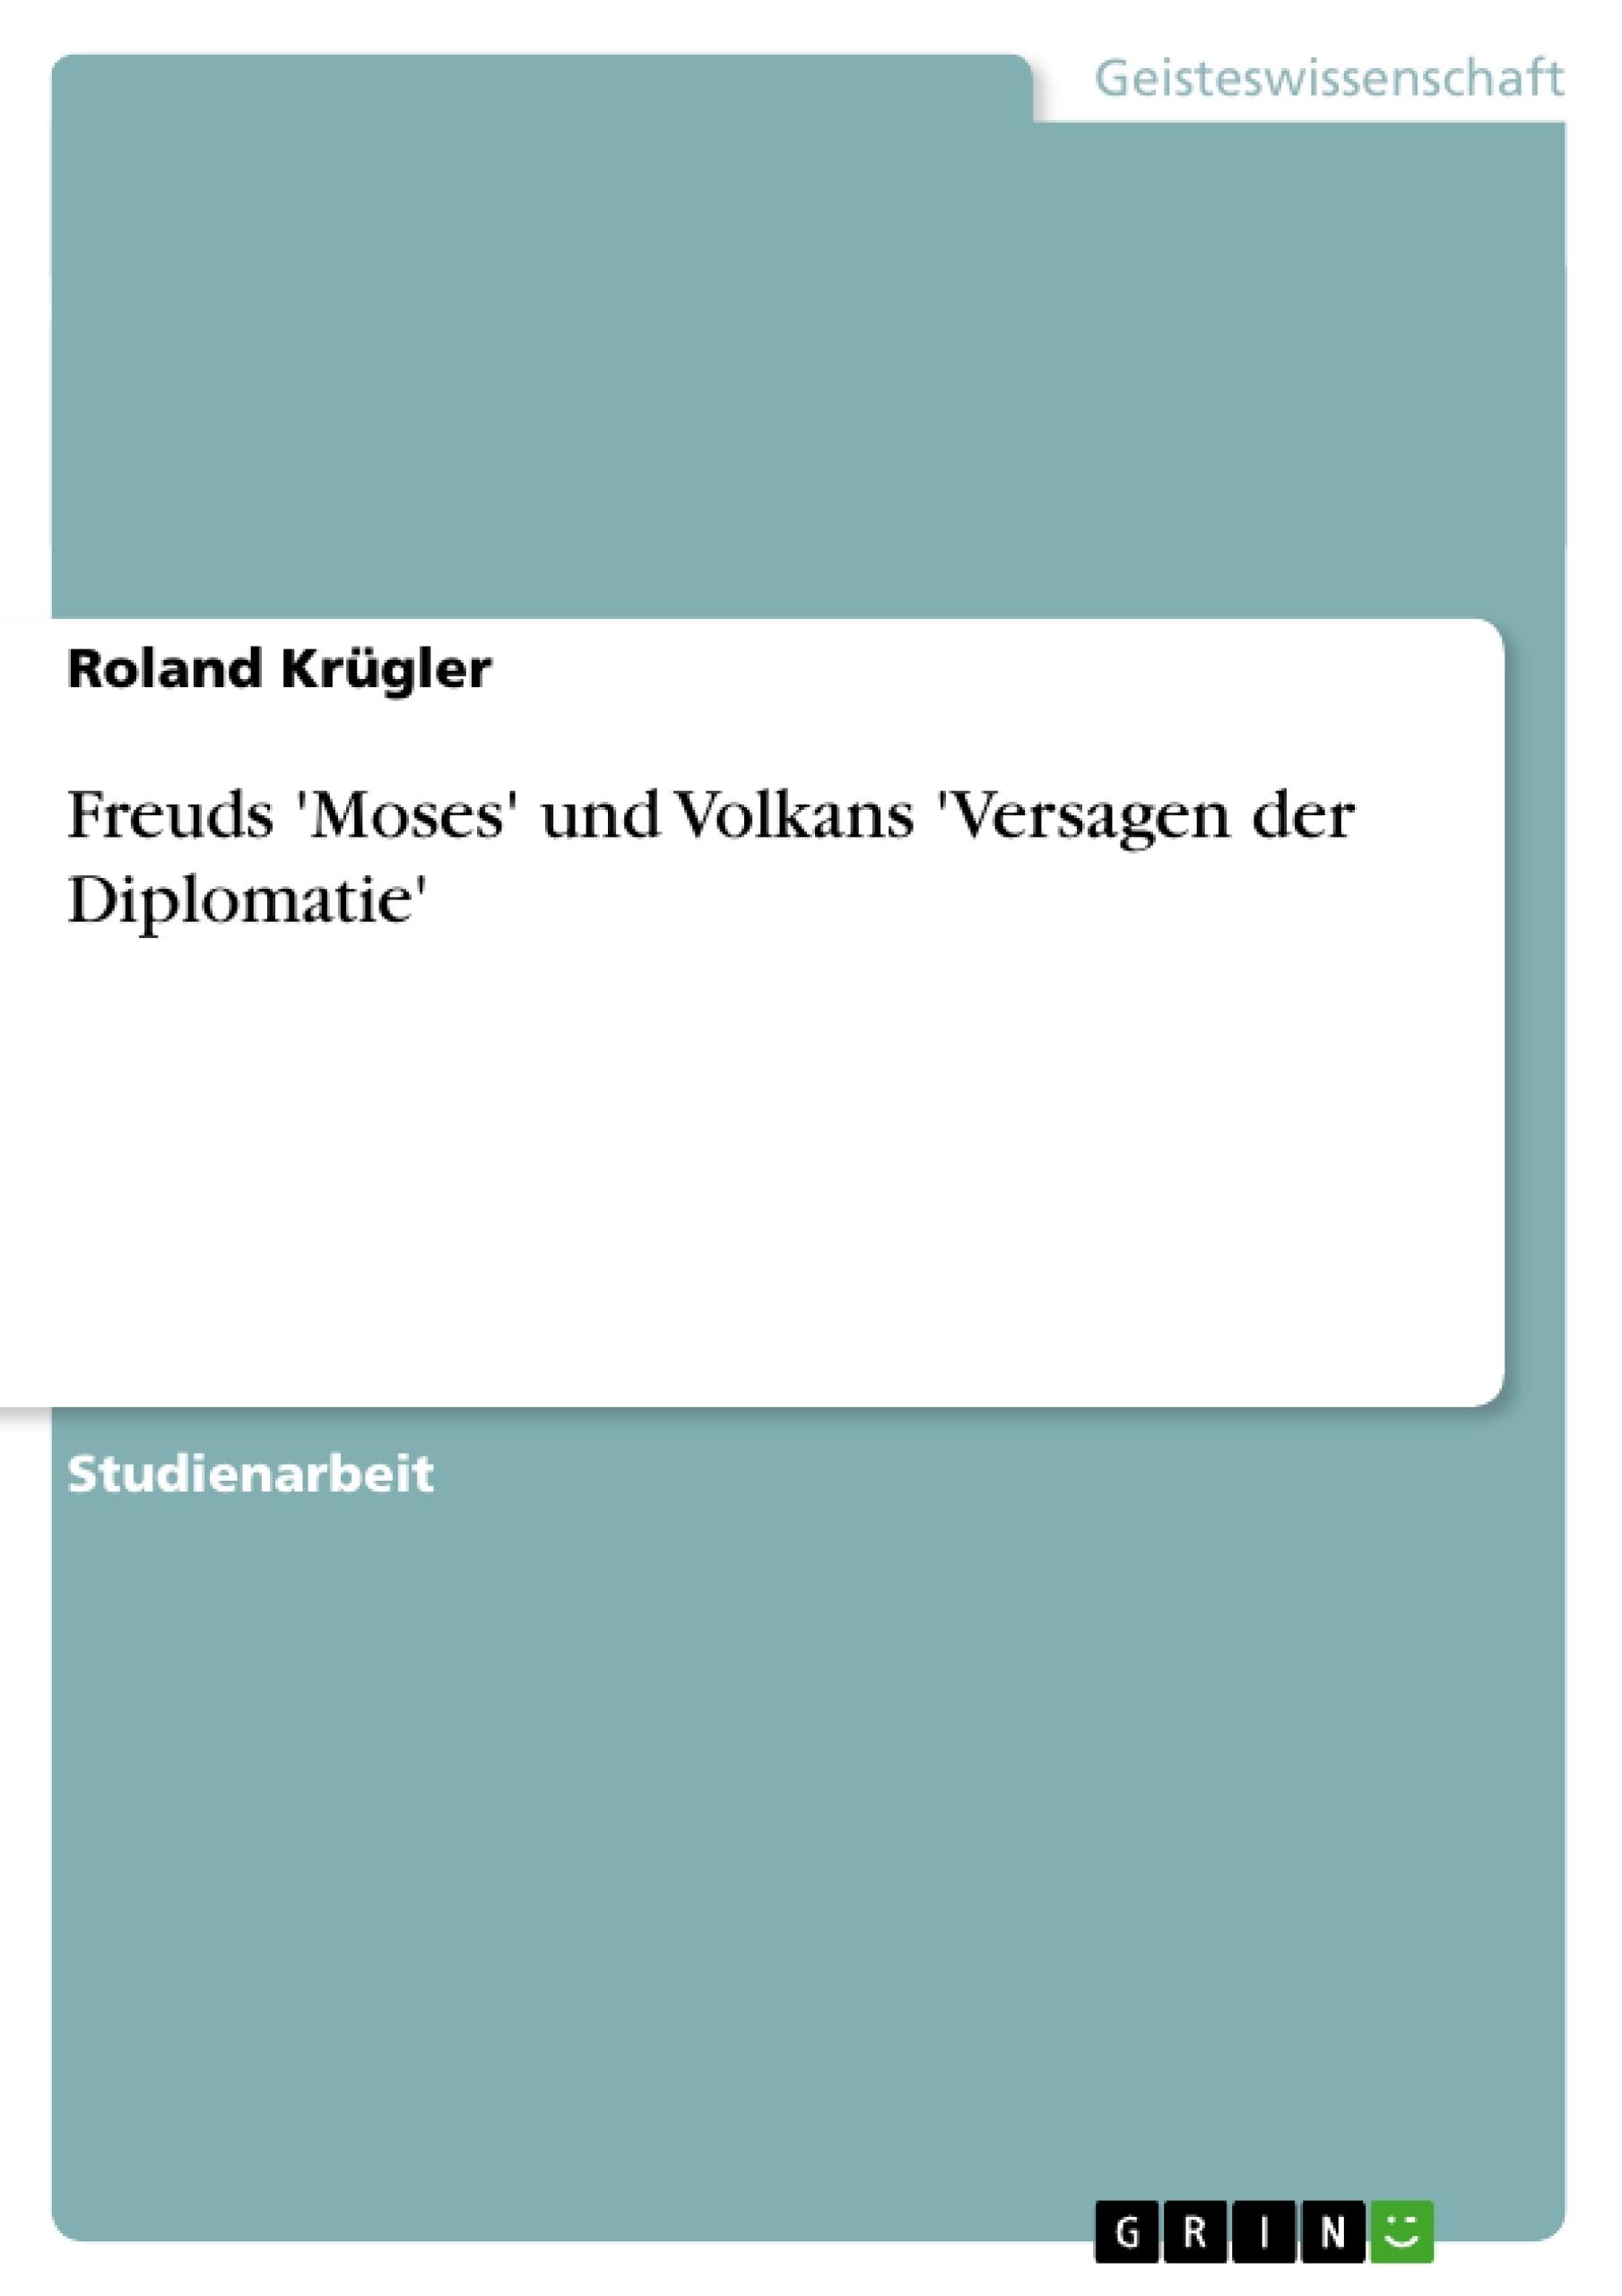 Titel: Freuds 'Moses' und Volkans 'Versagen der Diplomatie'